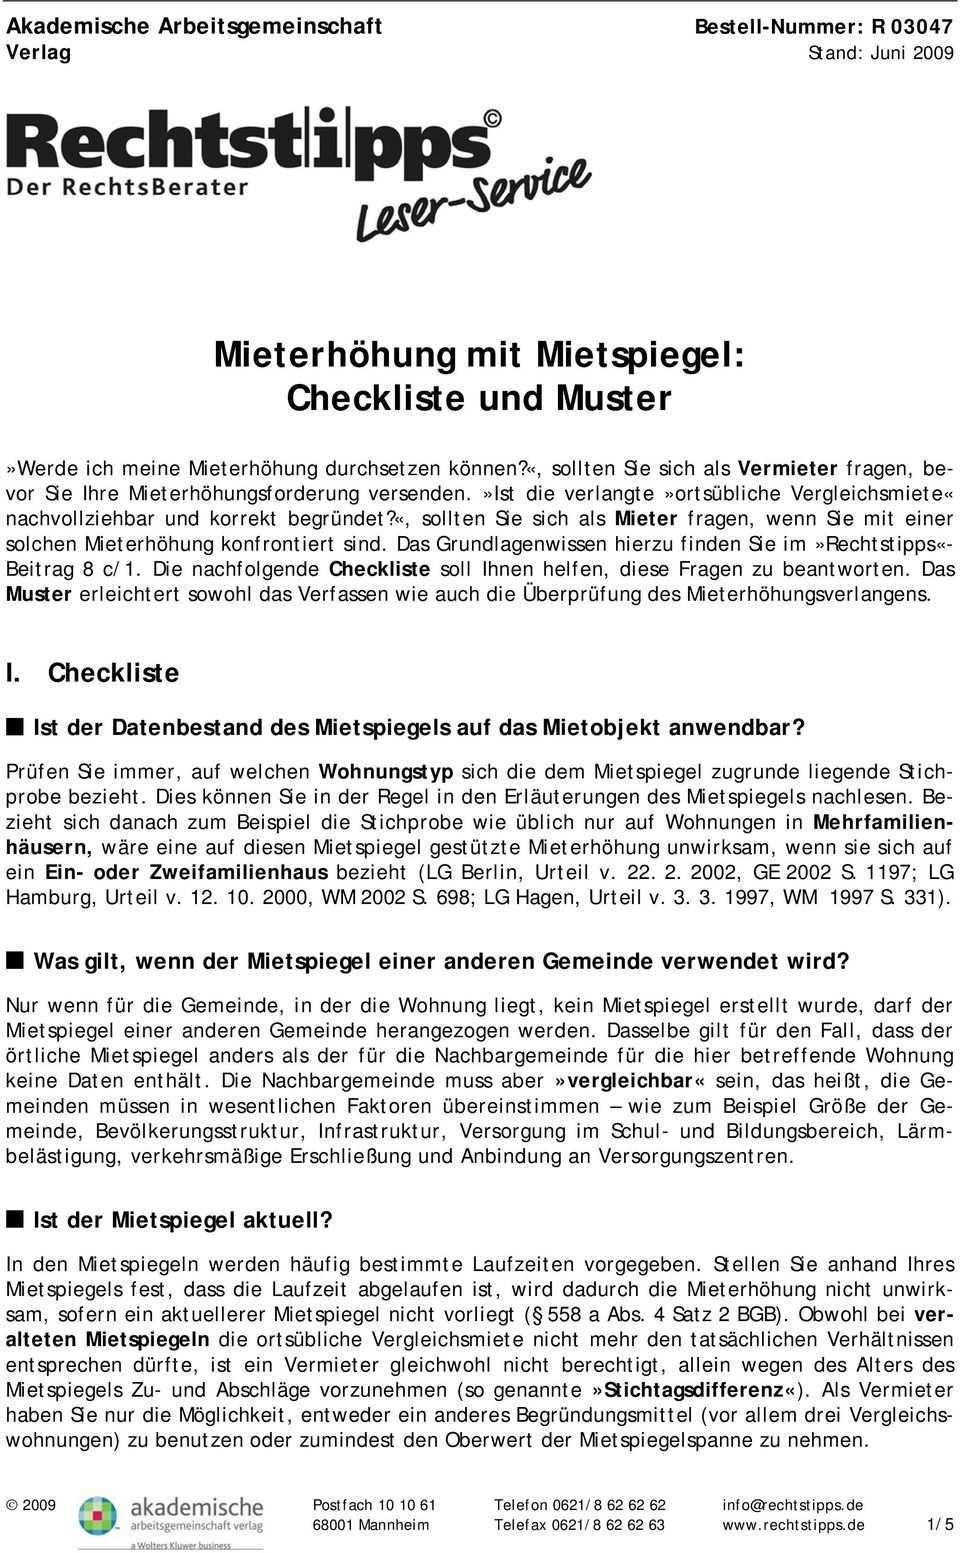 Mieterhohung Mit Mietspiegel Checkliste Und Muster Pdf Free Download